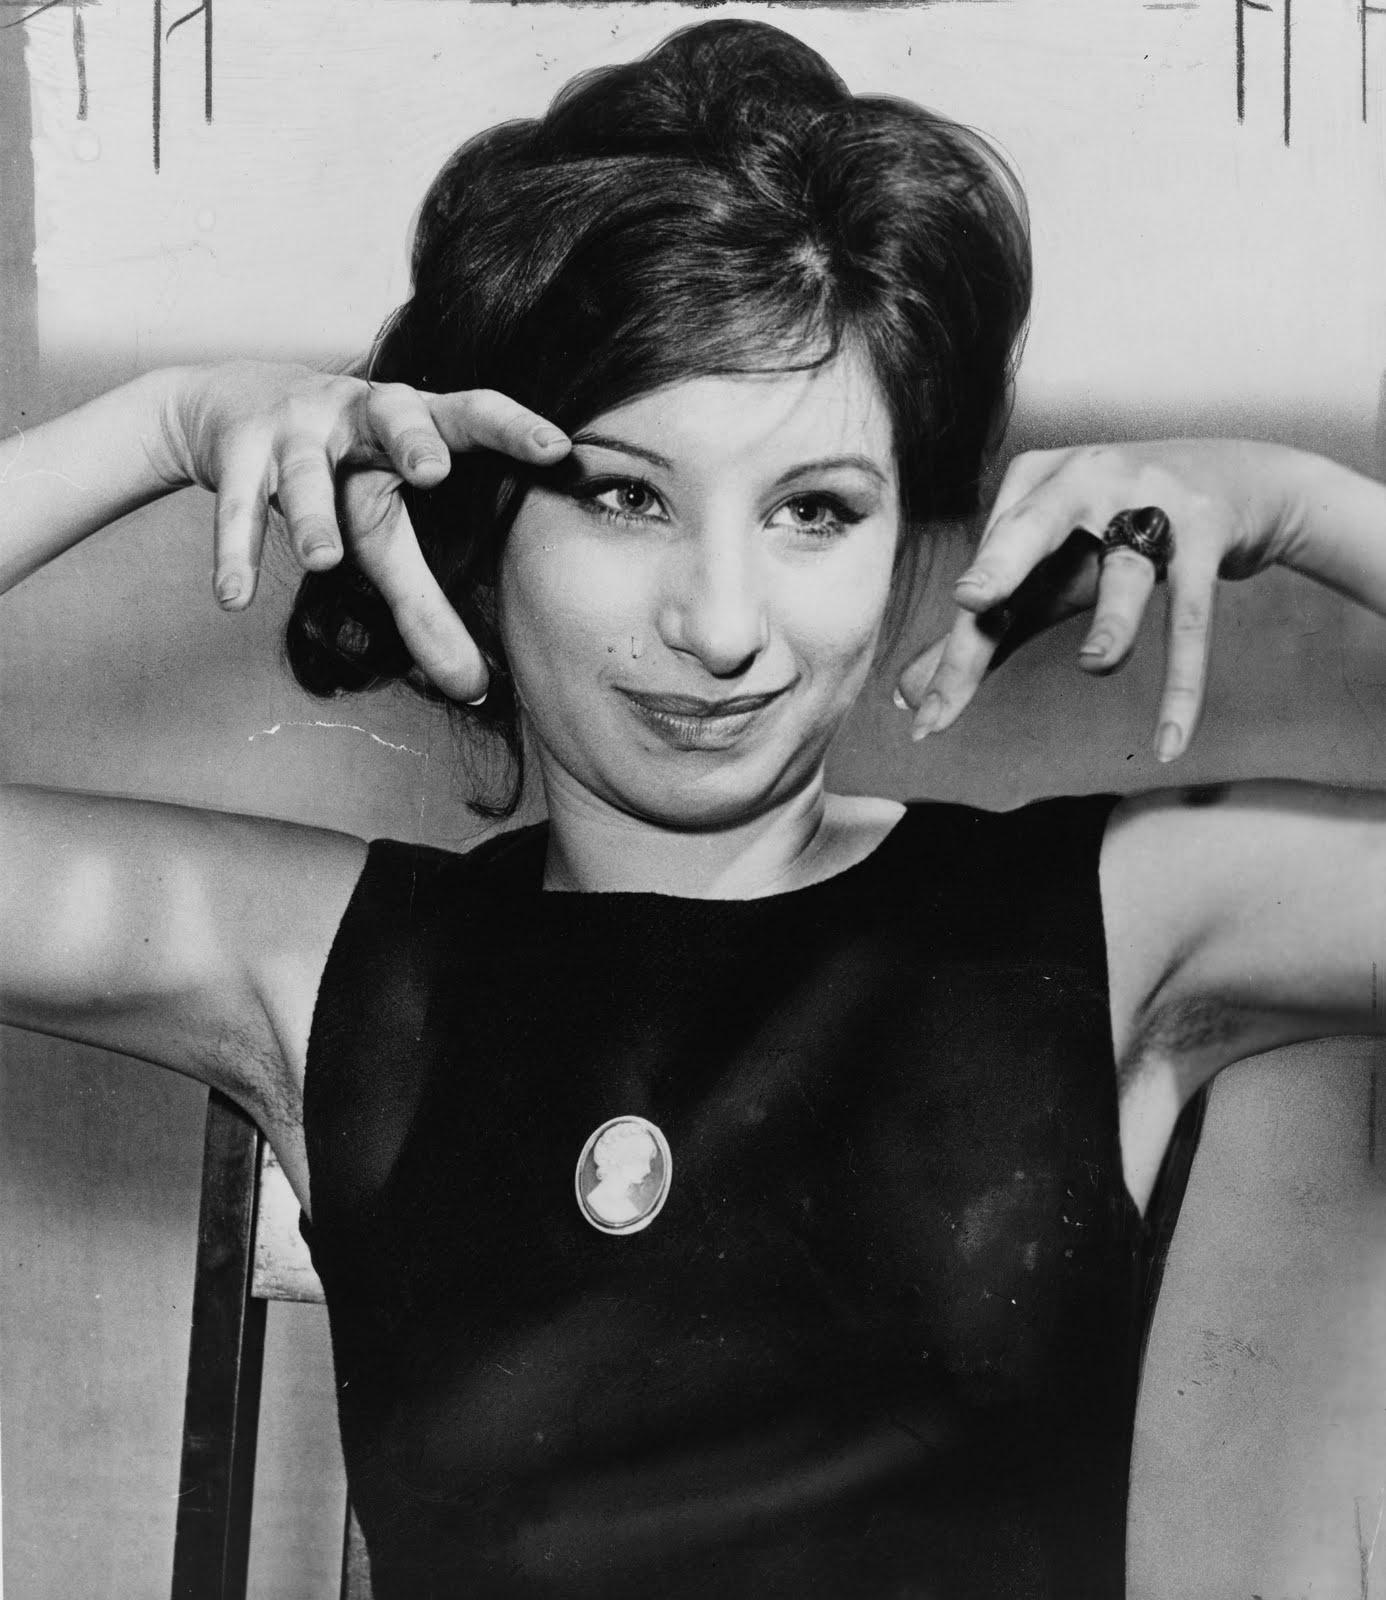 http://3.bp.blogspot.com/_Nuta_CQvImI/TET_cjACxgI/AAAAAAAACg0/cdzTwp34nYk/s1600/Barbra-Streisand-Funny-Girl-1962.jpg